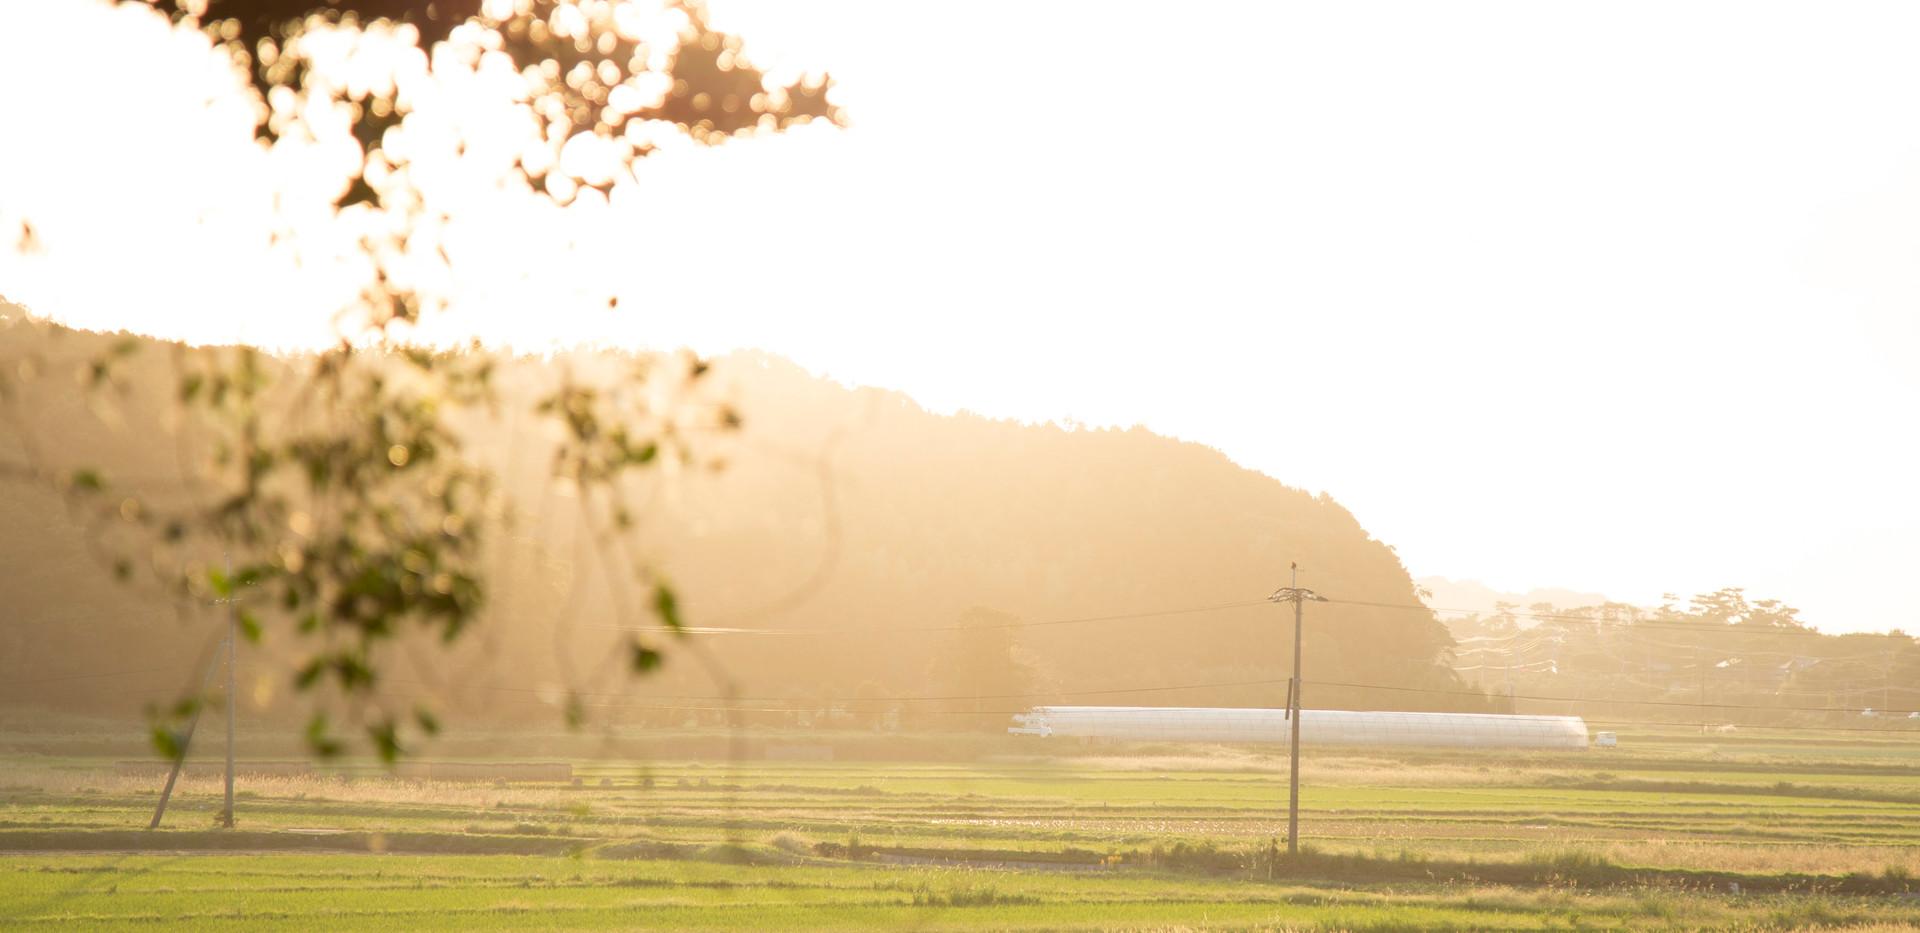 四季で色が変わる田園風景